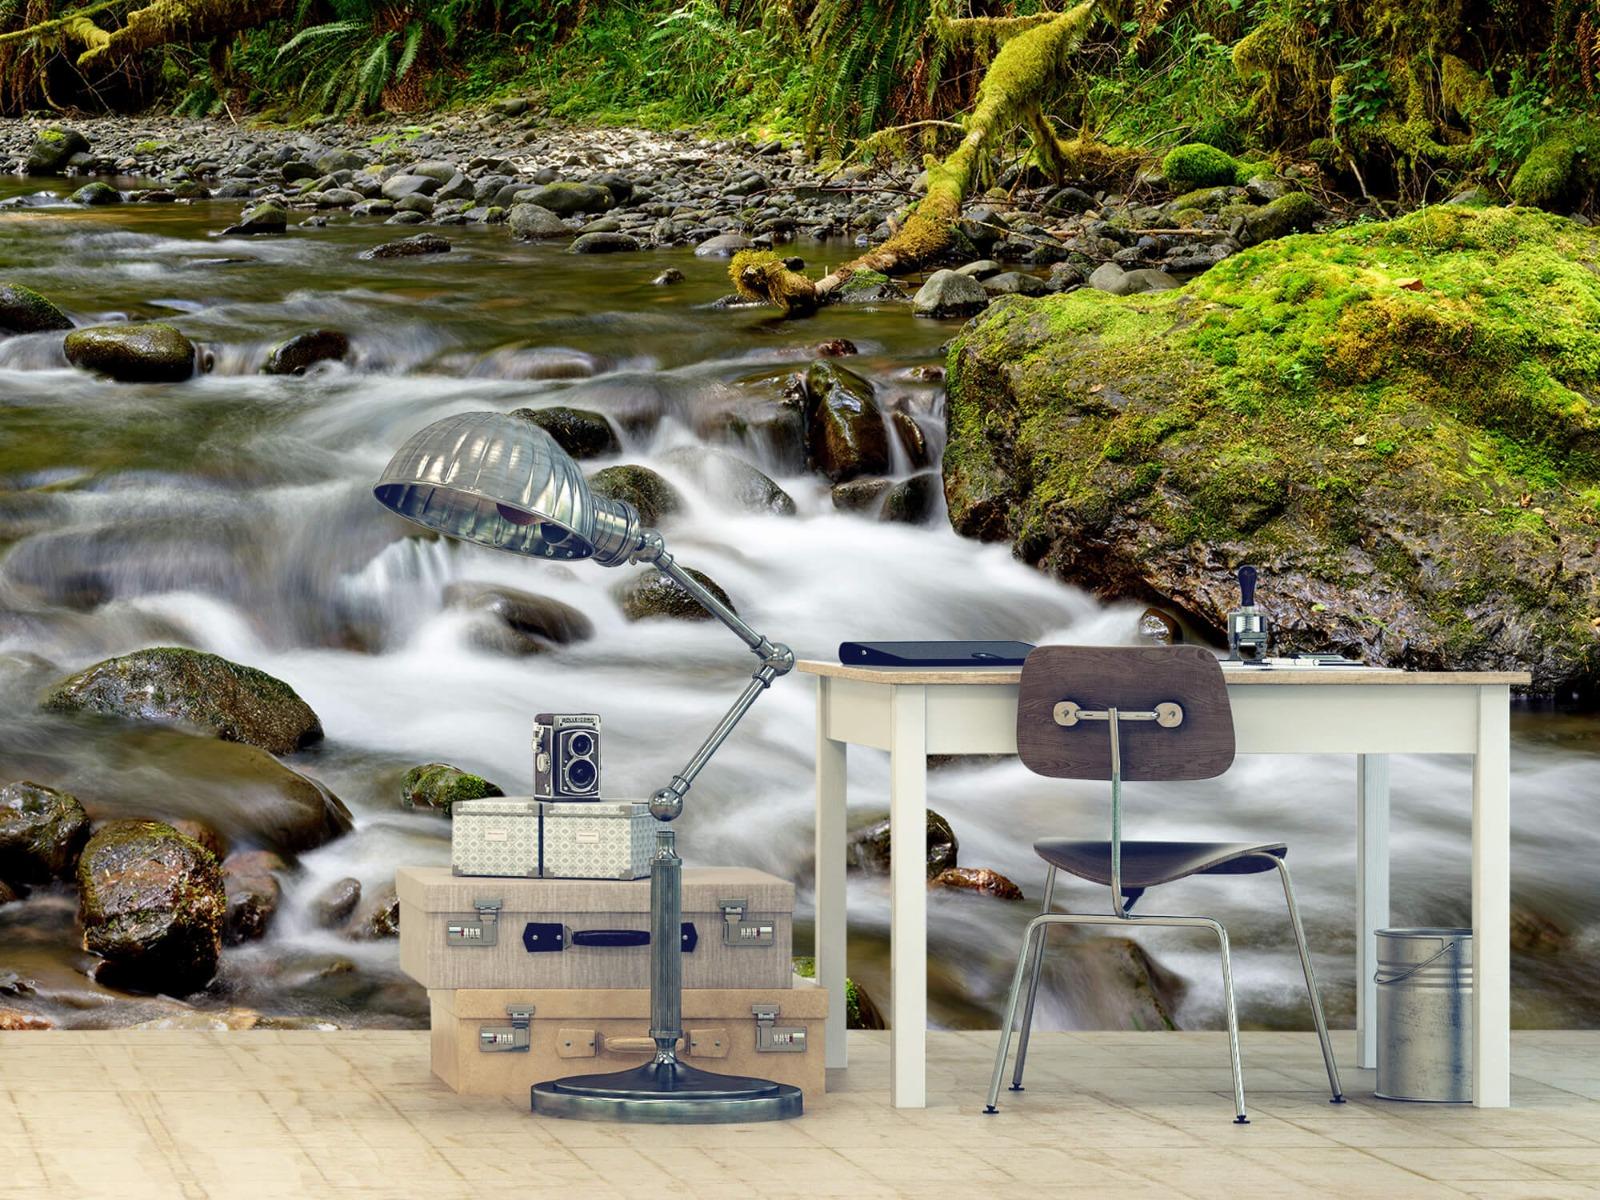 Meertjes en Wateren - Groen rotsblok met riviertje - Wallexclusive - Slaapkamer 10